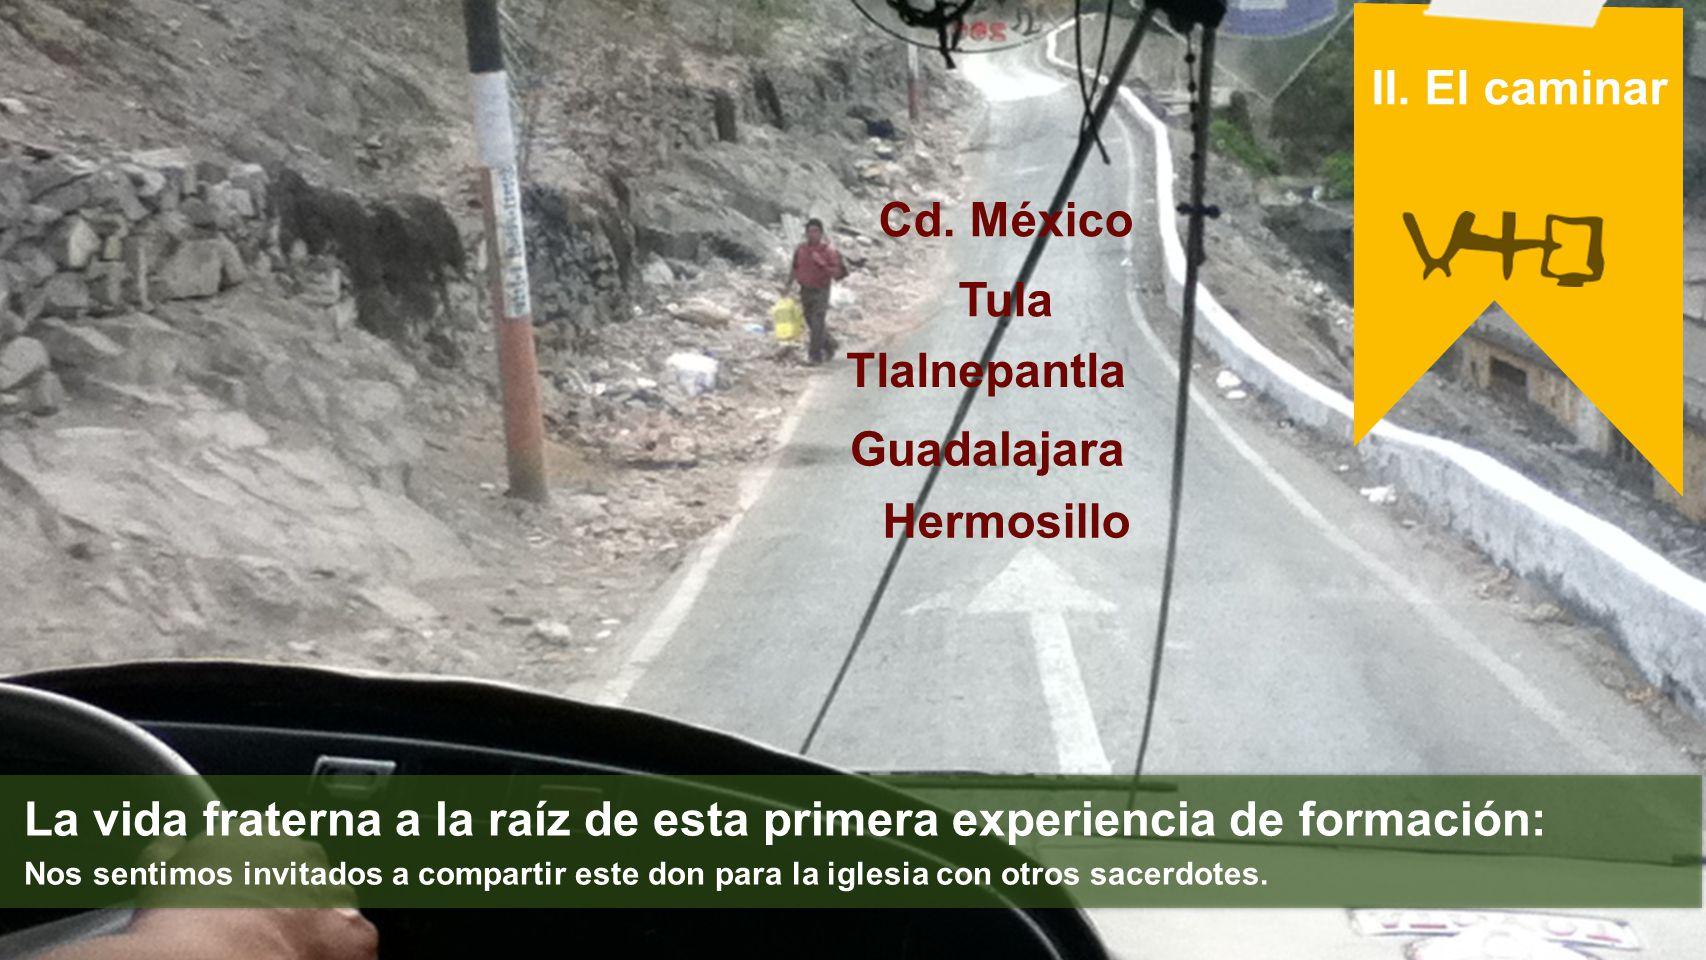 II. El caminar Cd. México Tula Tlalnepantla Guadalajara Hermosillo